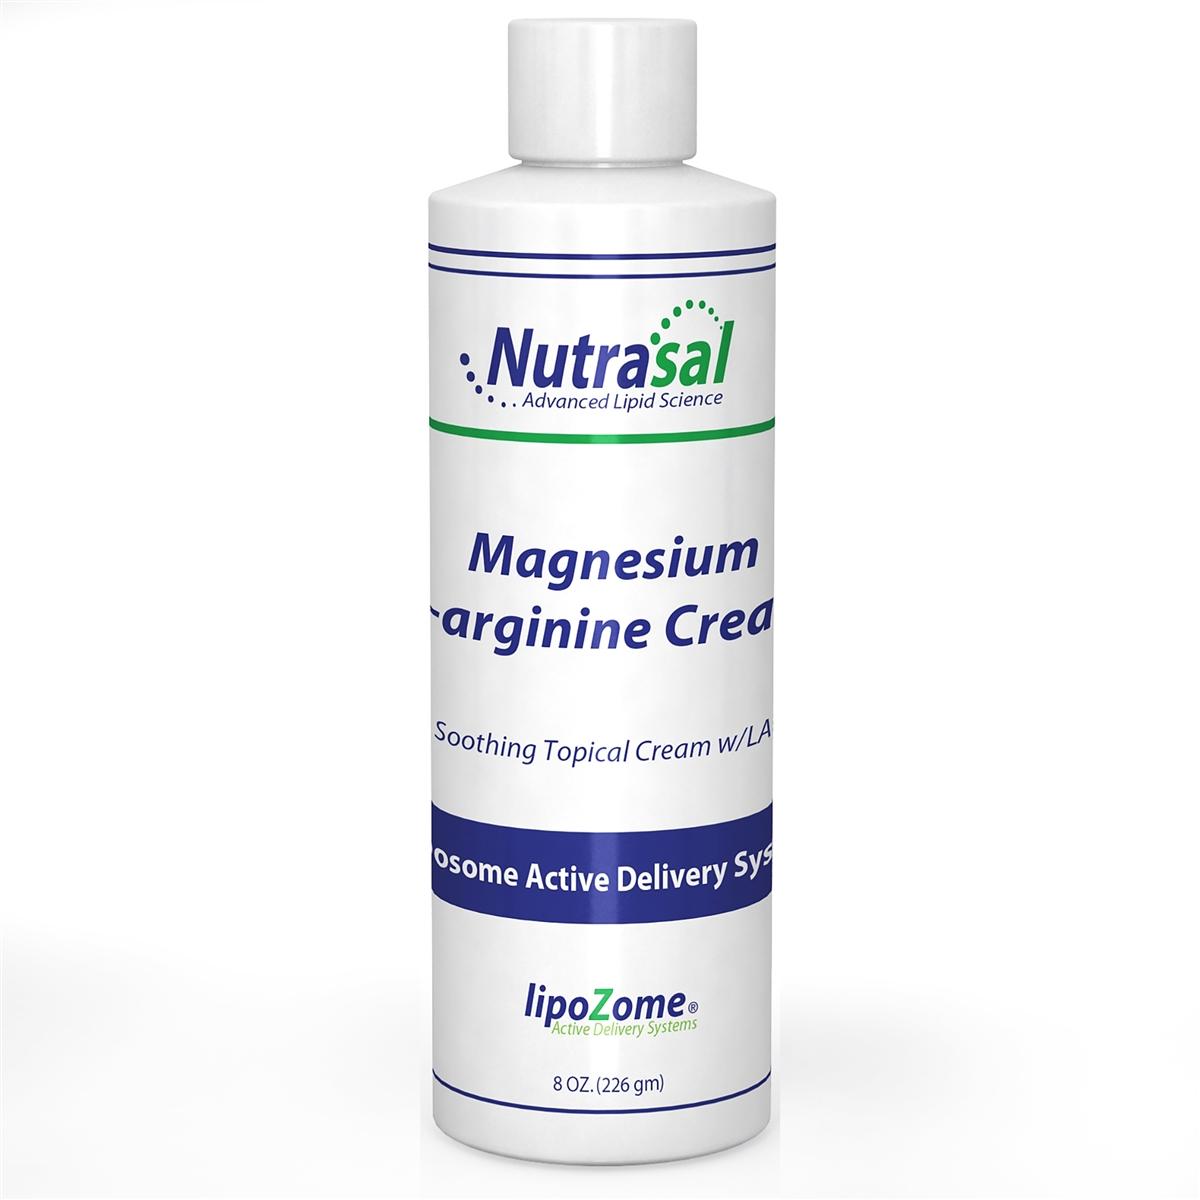 Nutrasal Magnesium L-arginine Cream